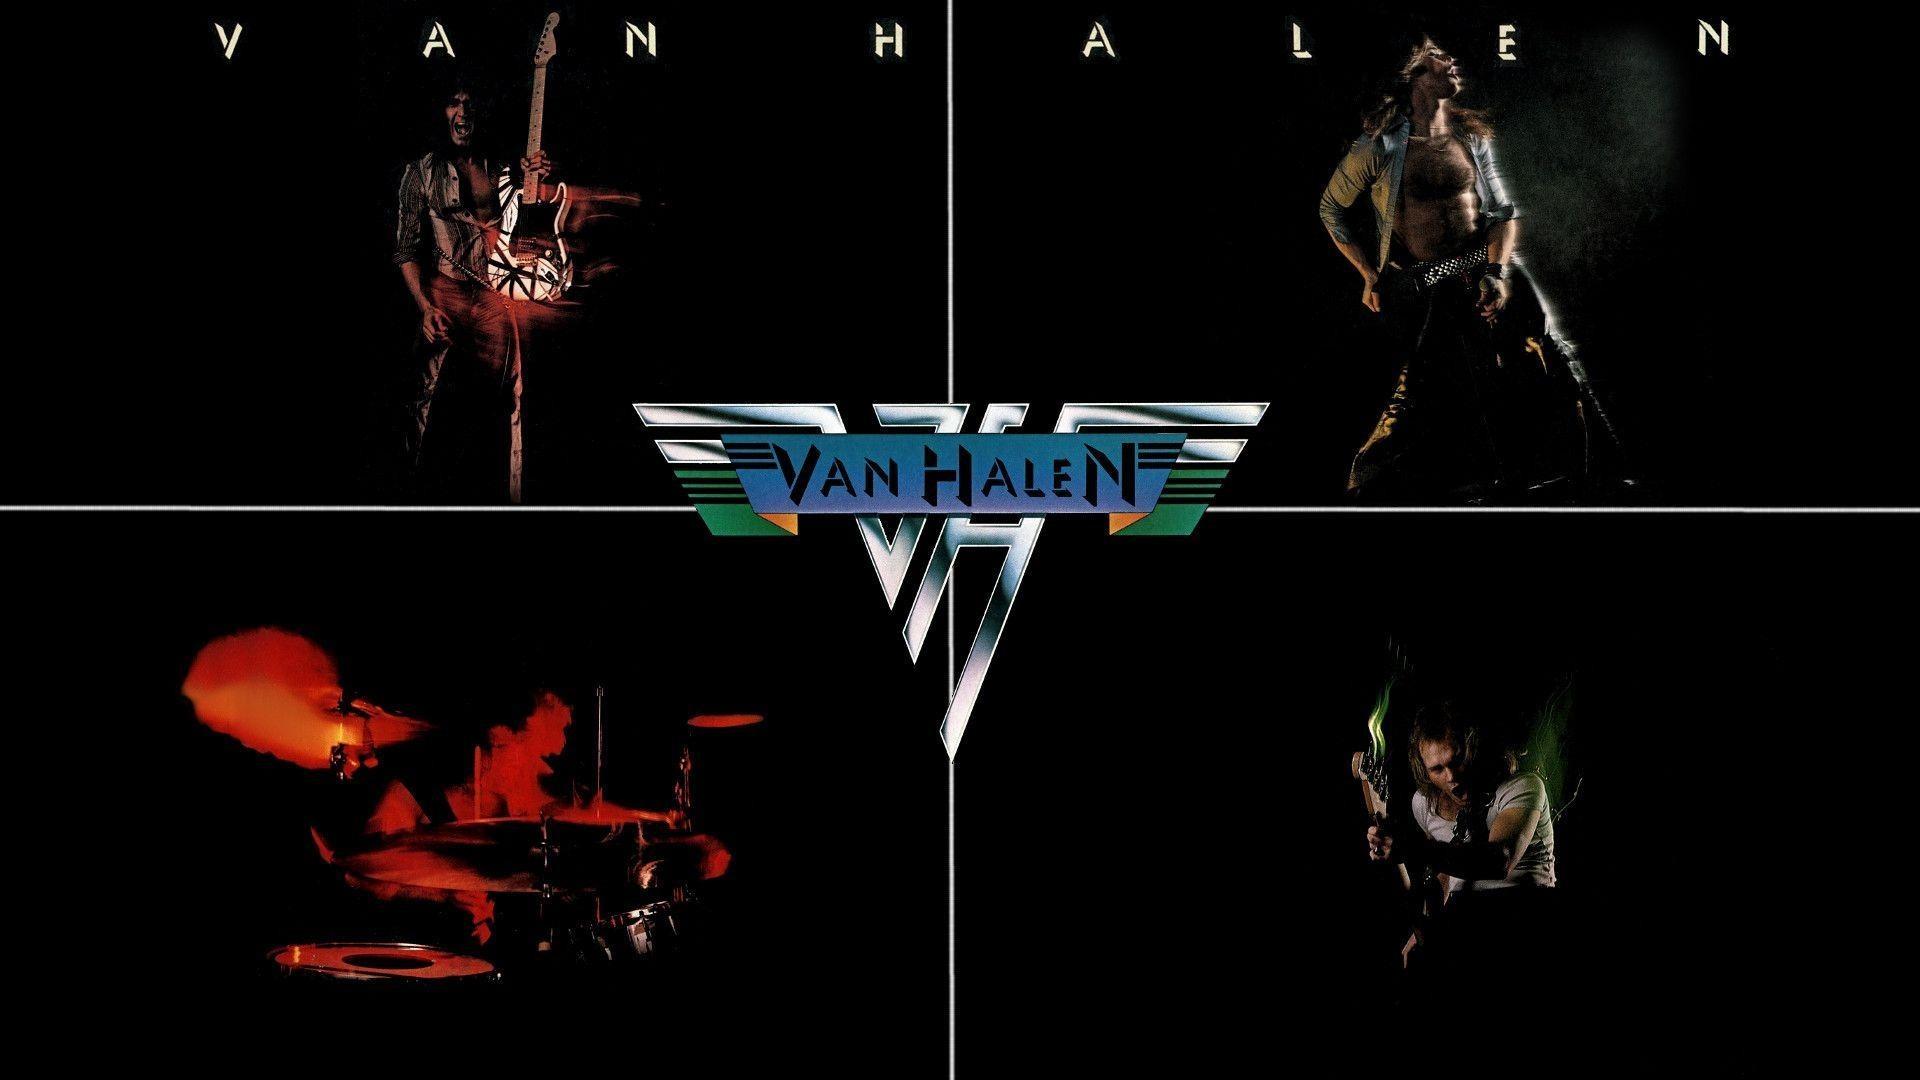 Res: 1920x1080, Van Halen Wallpapers